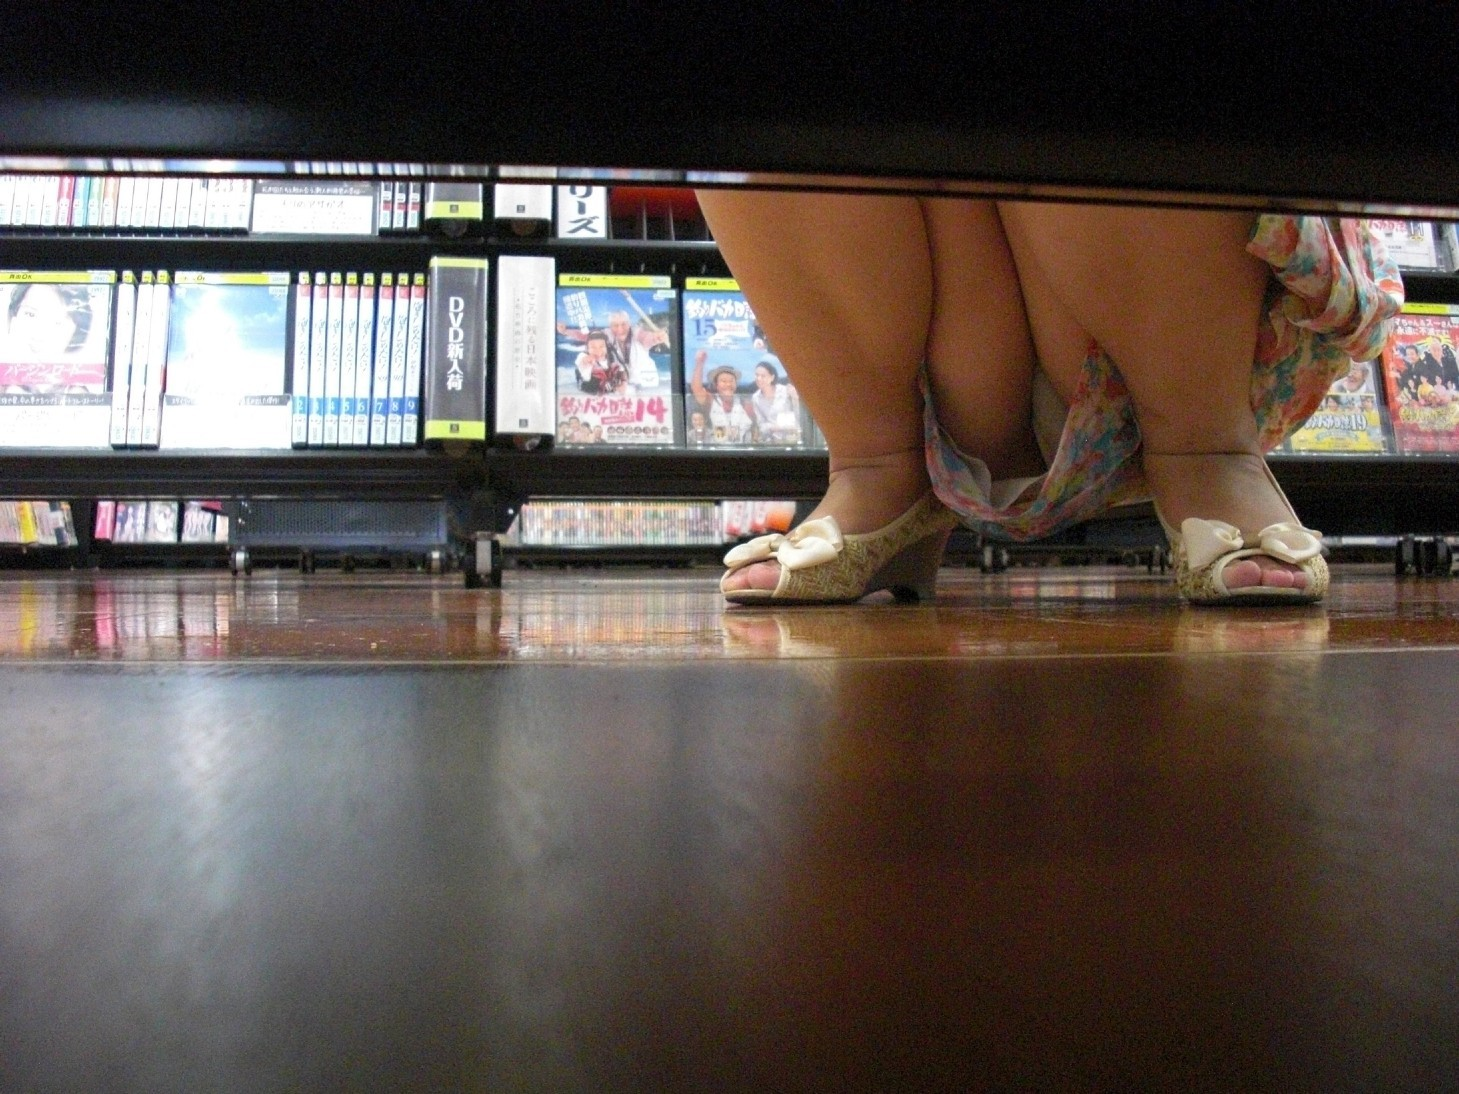 レンタルショップで女性客のパンツ撮影してるパンチラ画像 T0RgXYKfo1P